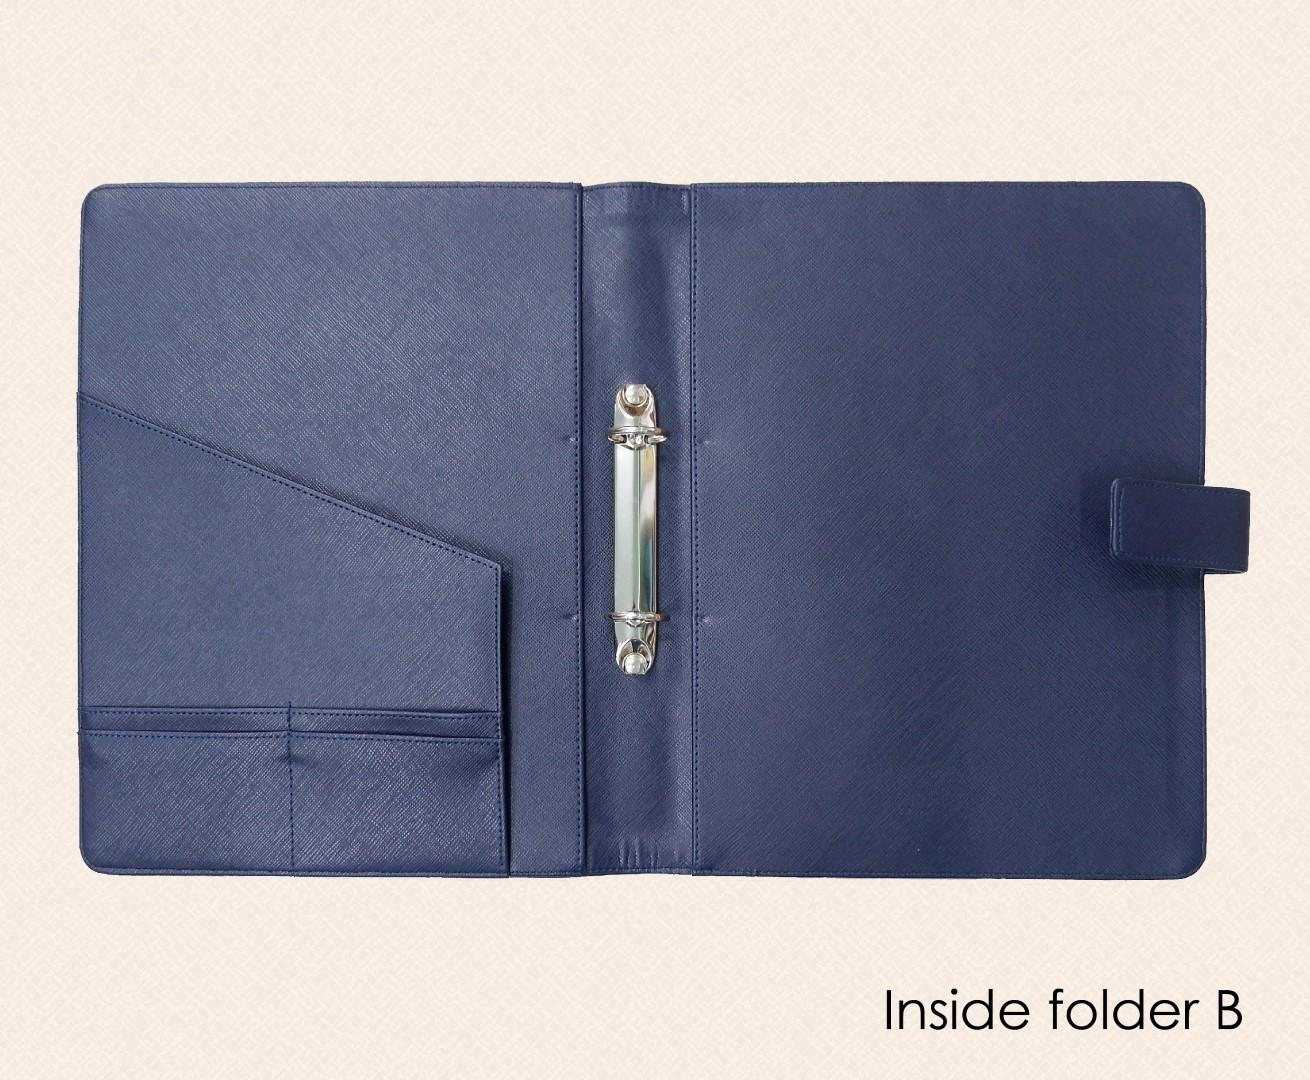 ด้านแฟ้ม แบบ B / Inside folder B